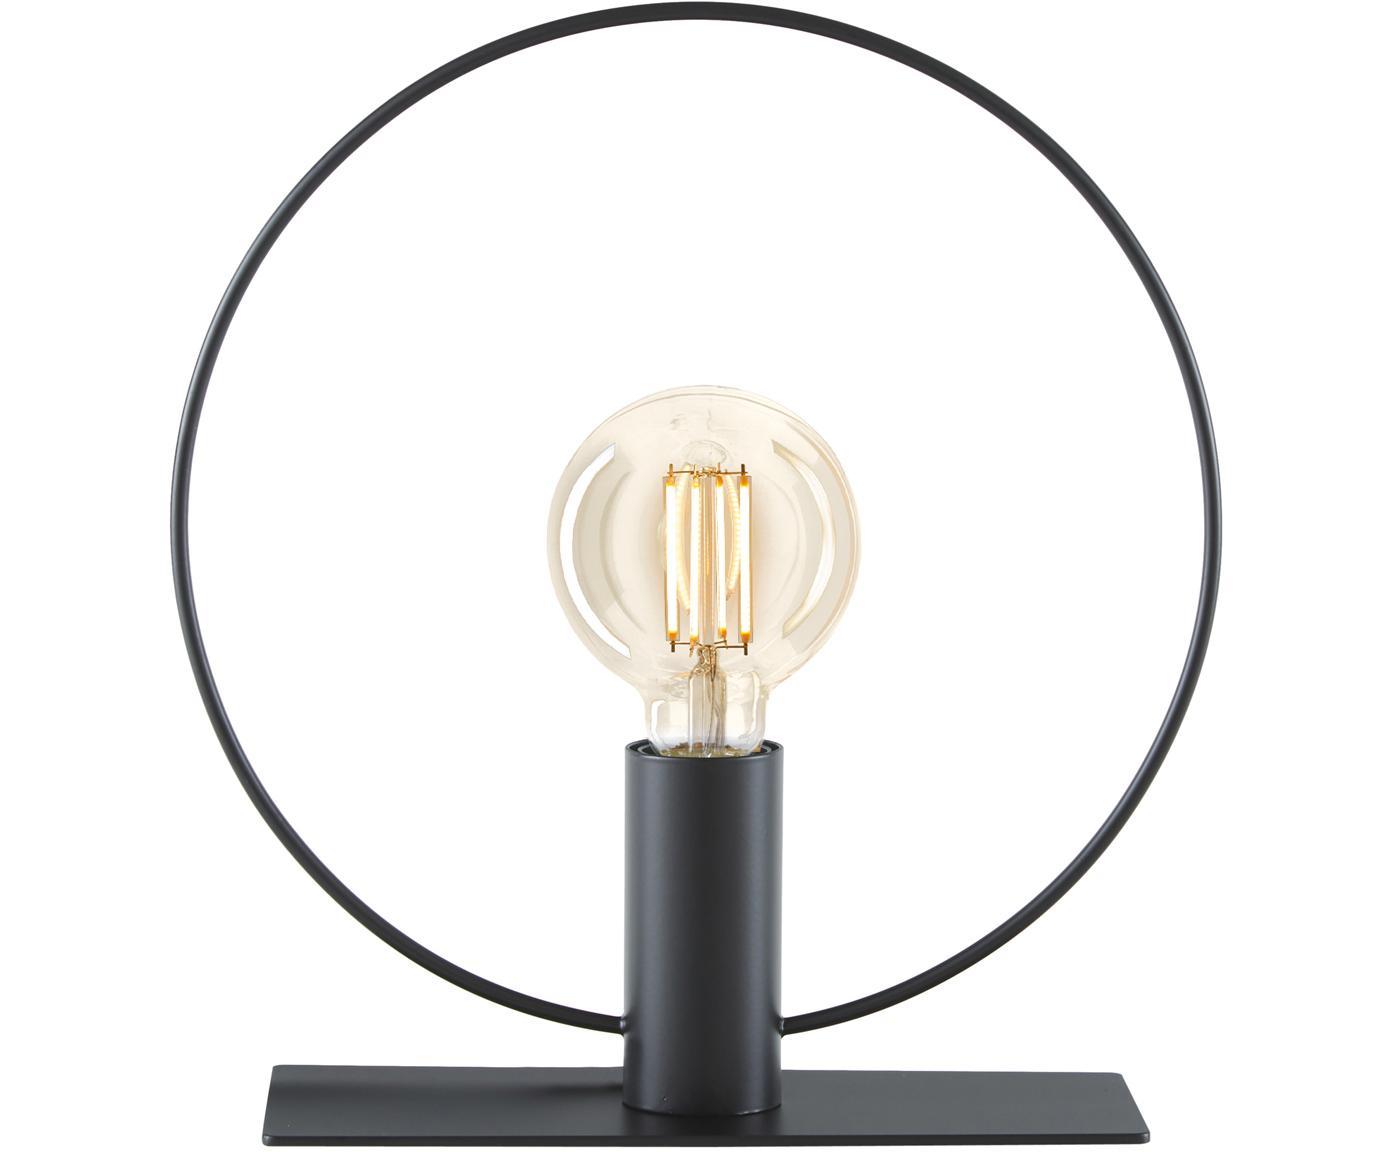 Lampa stołowa Pria, Czarny, Ø 30 x W 33 cm